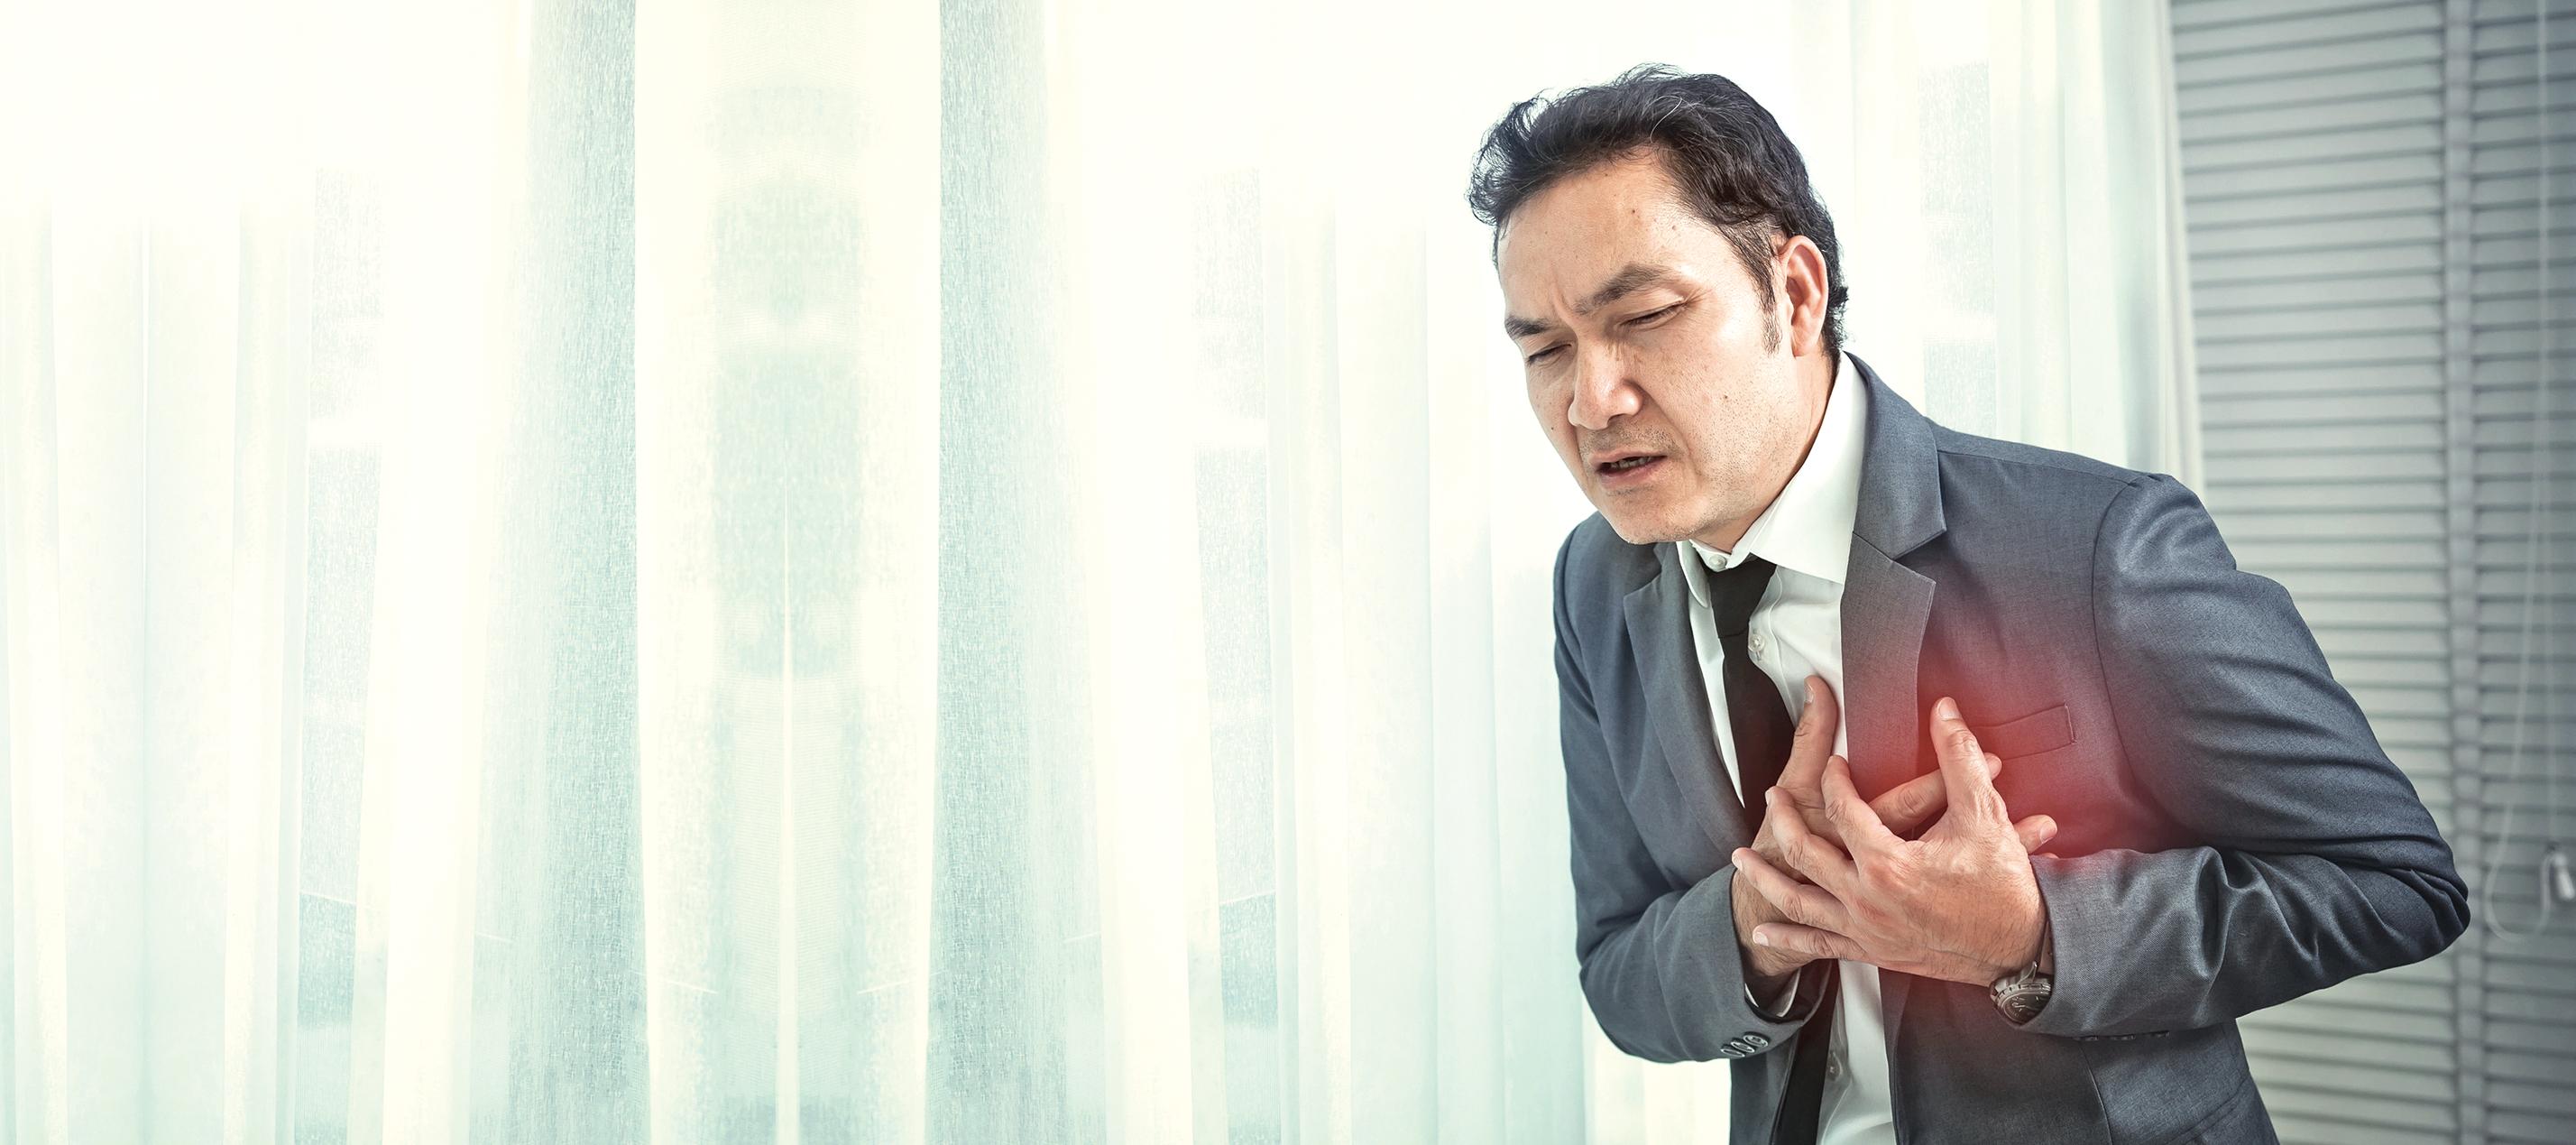 39歲演員死於心臟衰竭哪些人要小心?